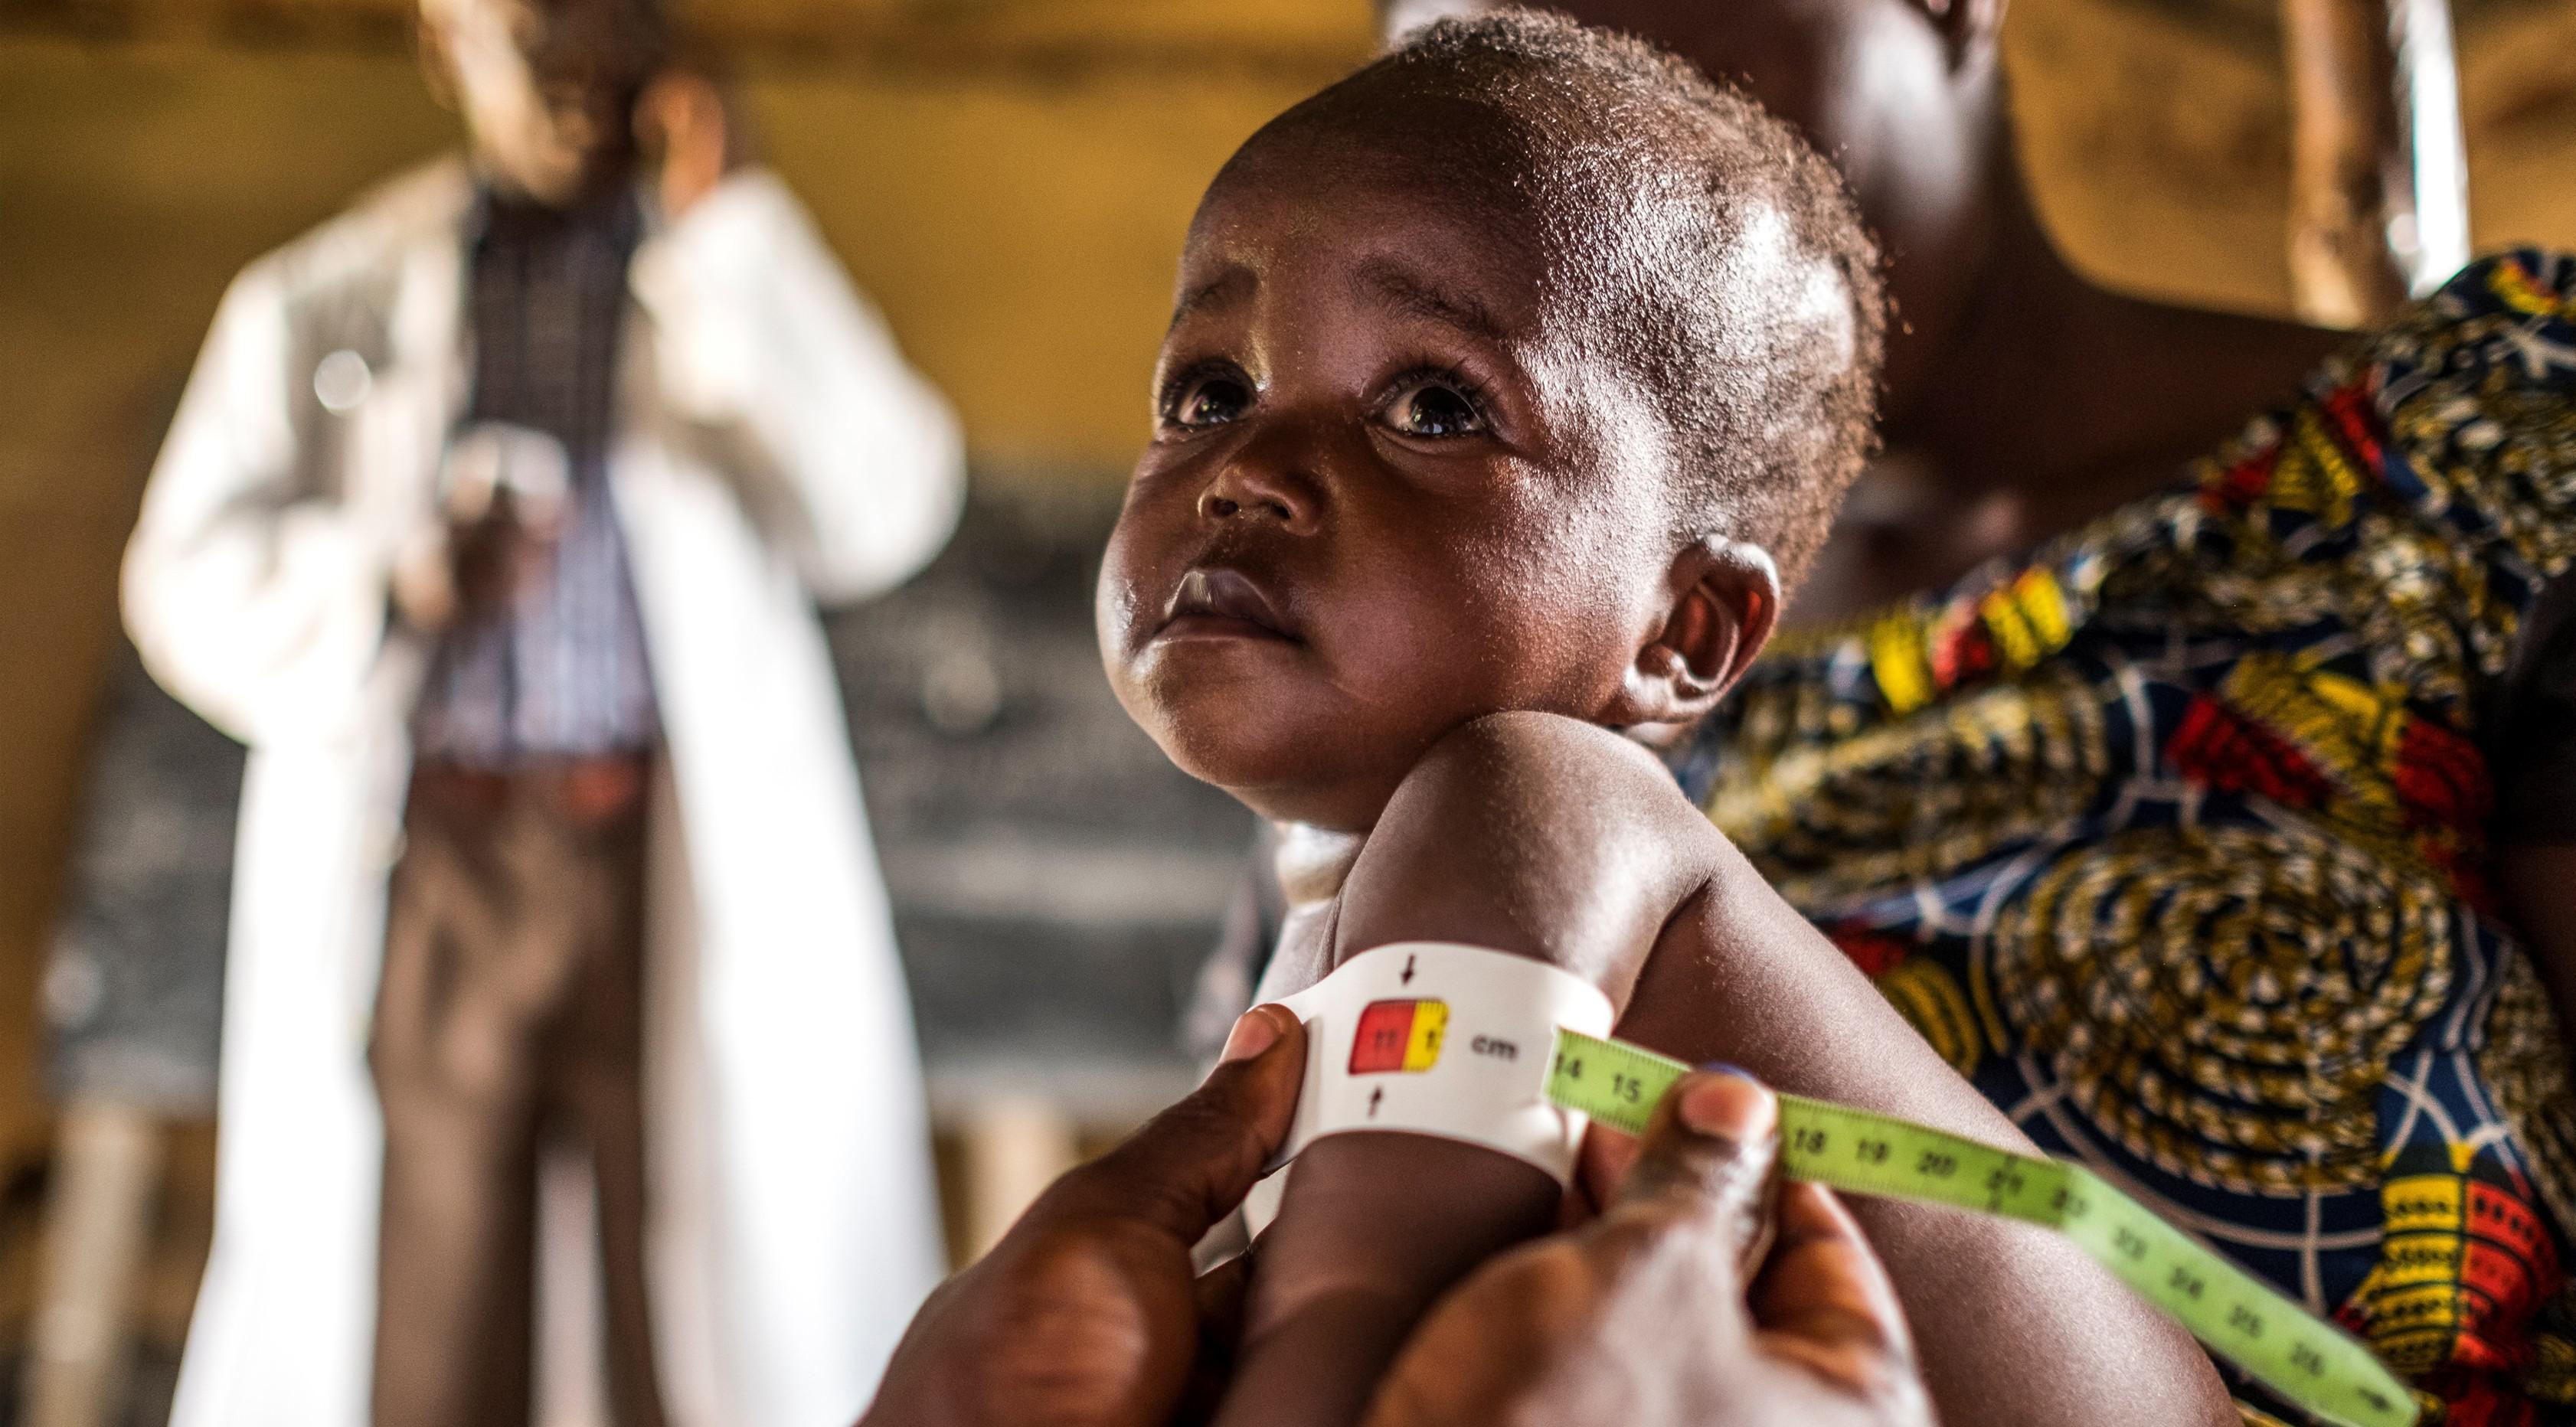 Ekspresi seorang anak saat diperiksa untuk program pencegahan kurang gizi di Pusat kesehatan di Mbau, Republik Demokratik Kongo (15/11). Di negara ini banyak penduduknya menderita kekurangan gizi. (AFP/ Eduardo Soteras)